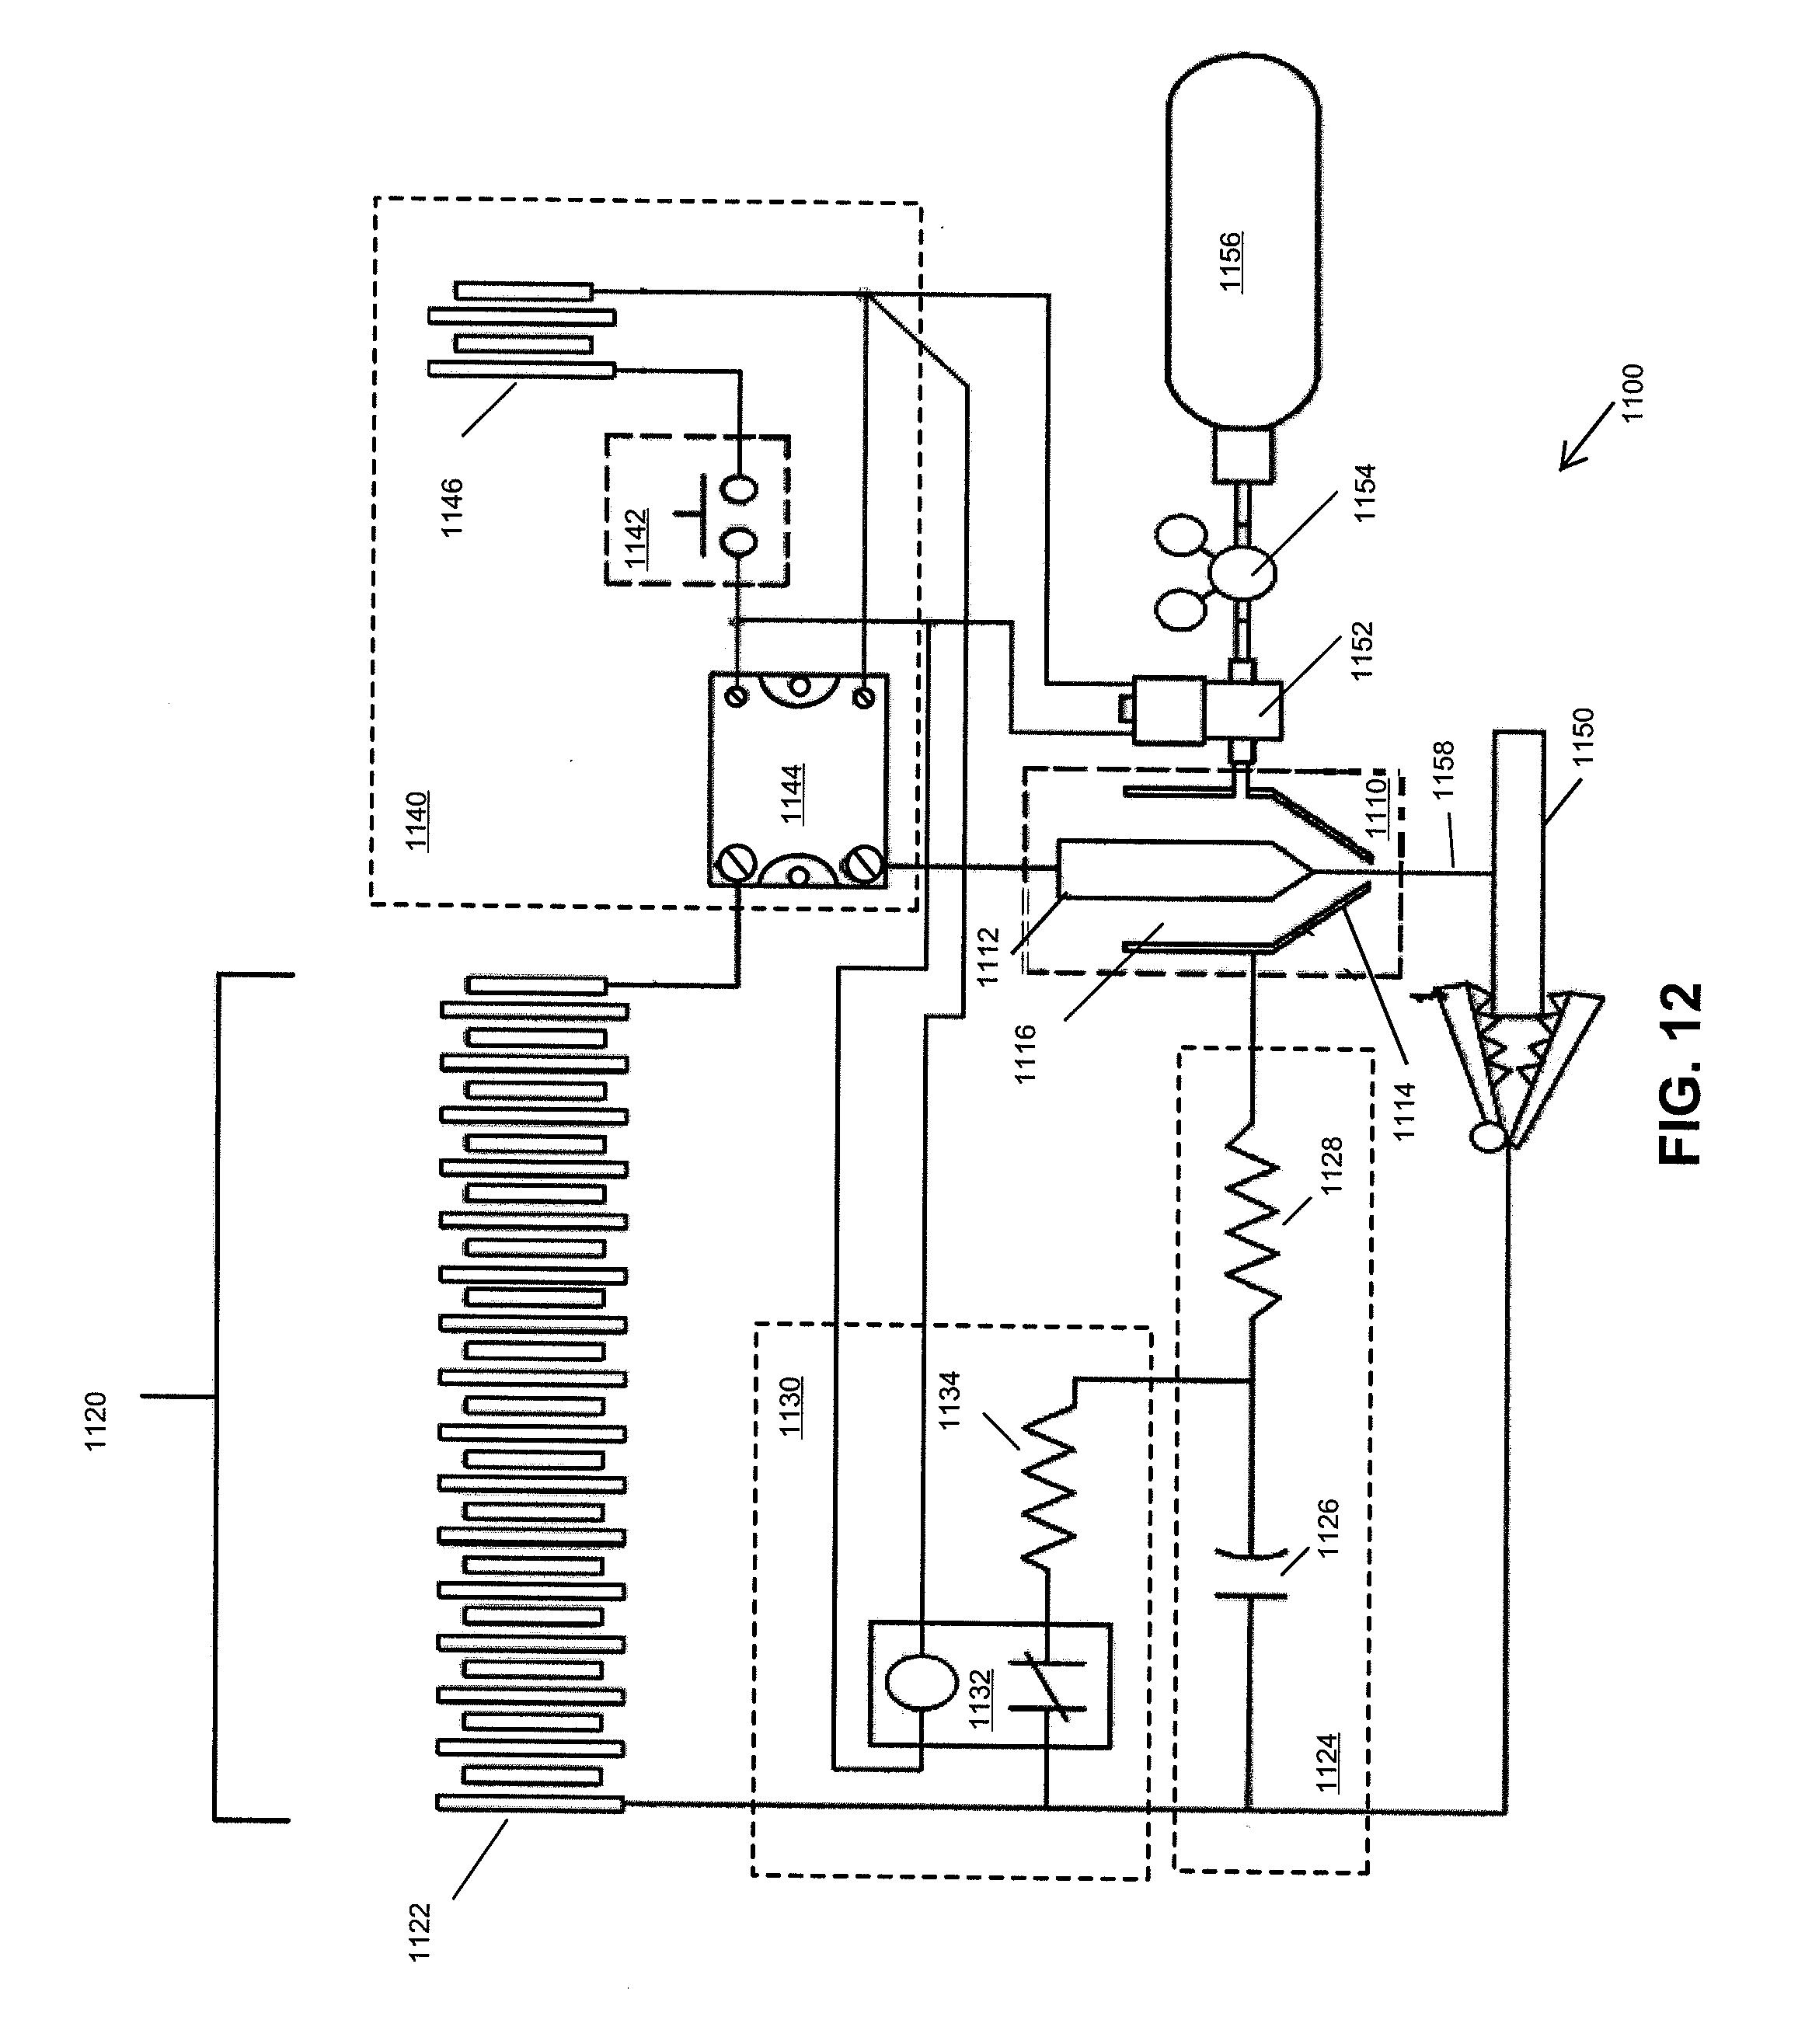 patent us8350182